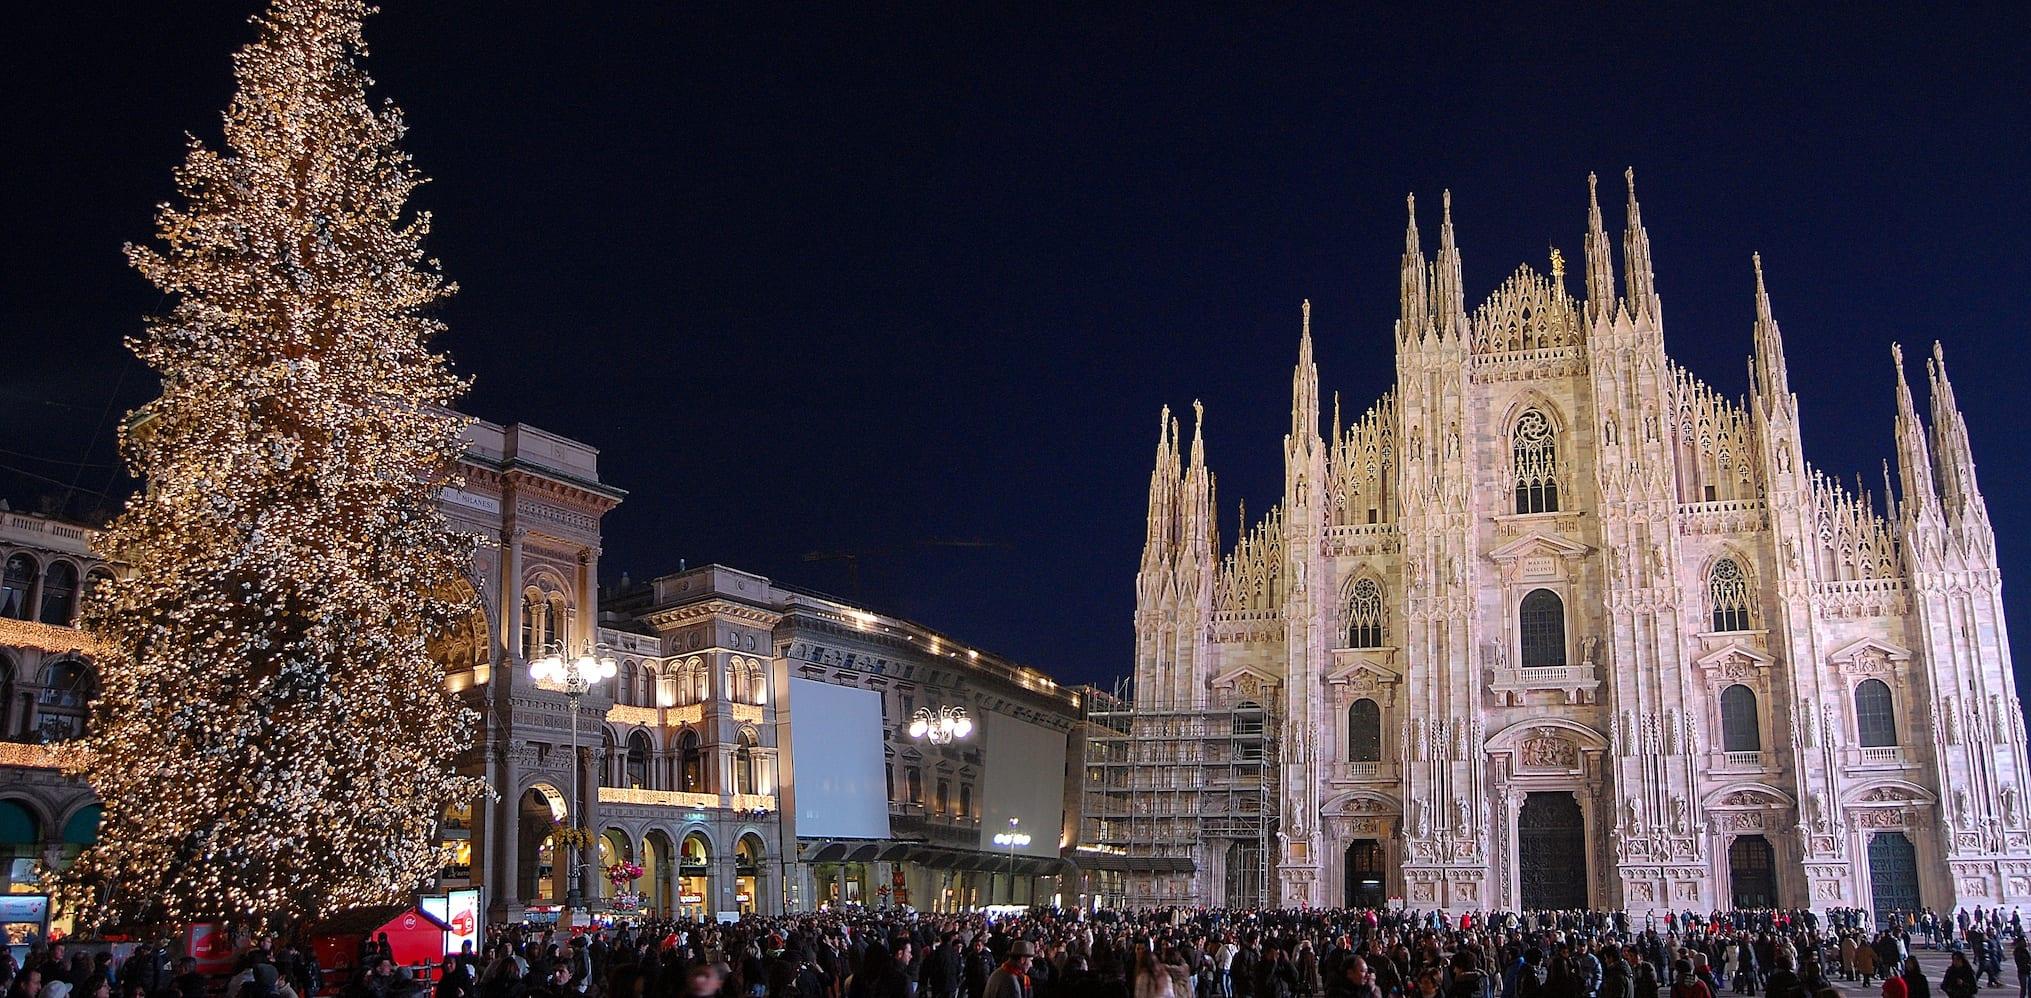 Natale a Milano: ecco come trascorrere il tempo libero